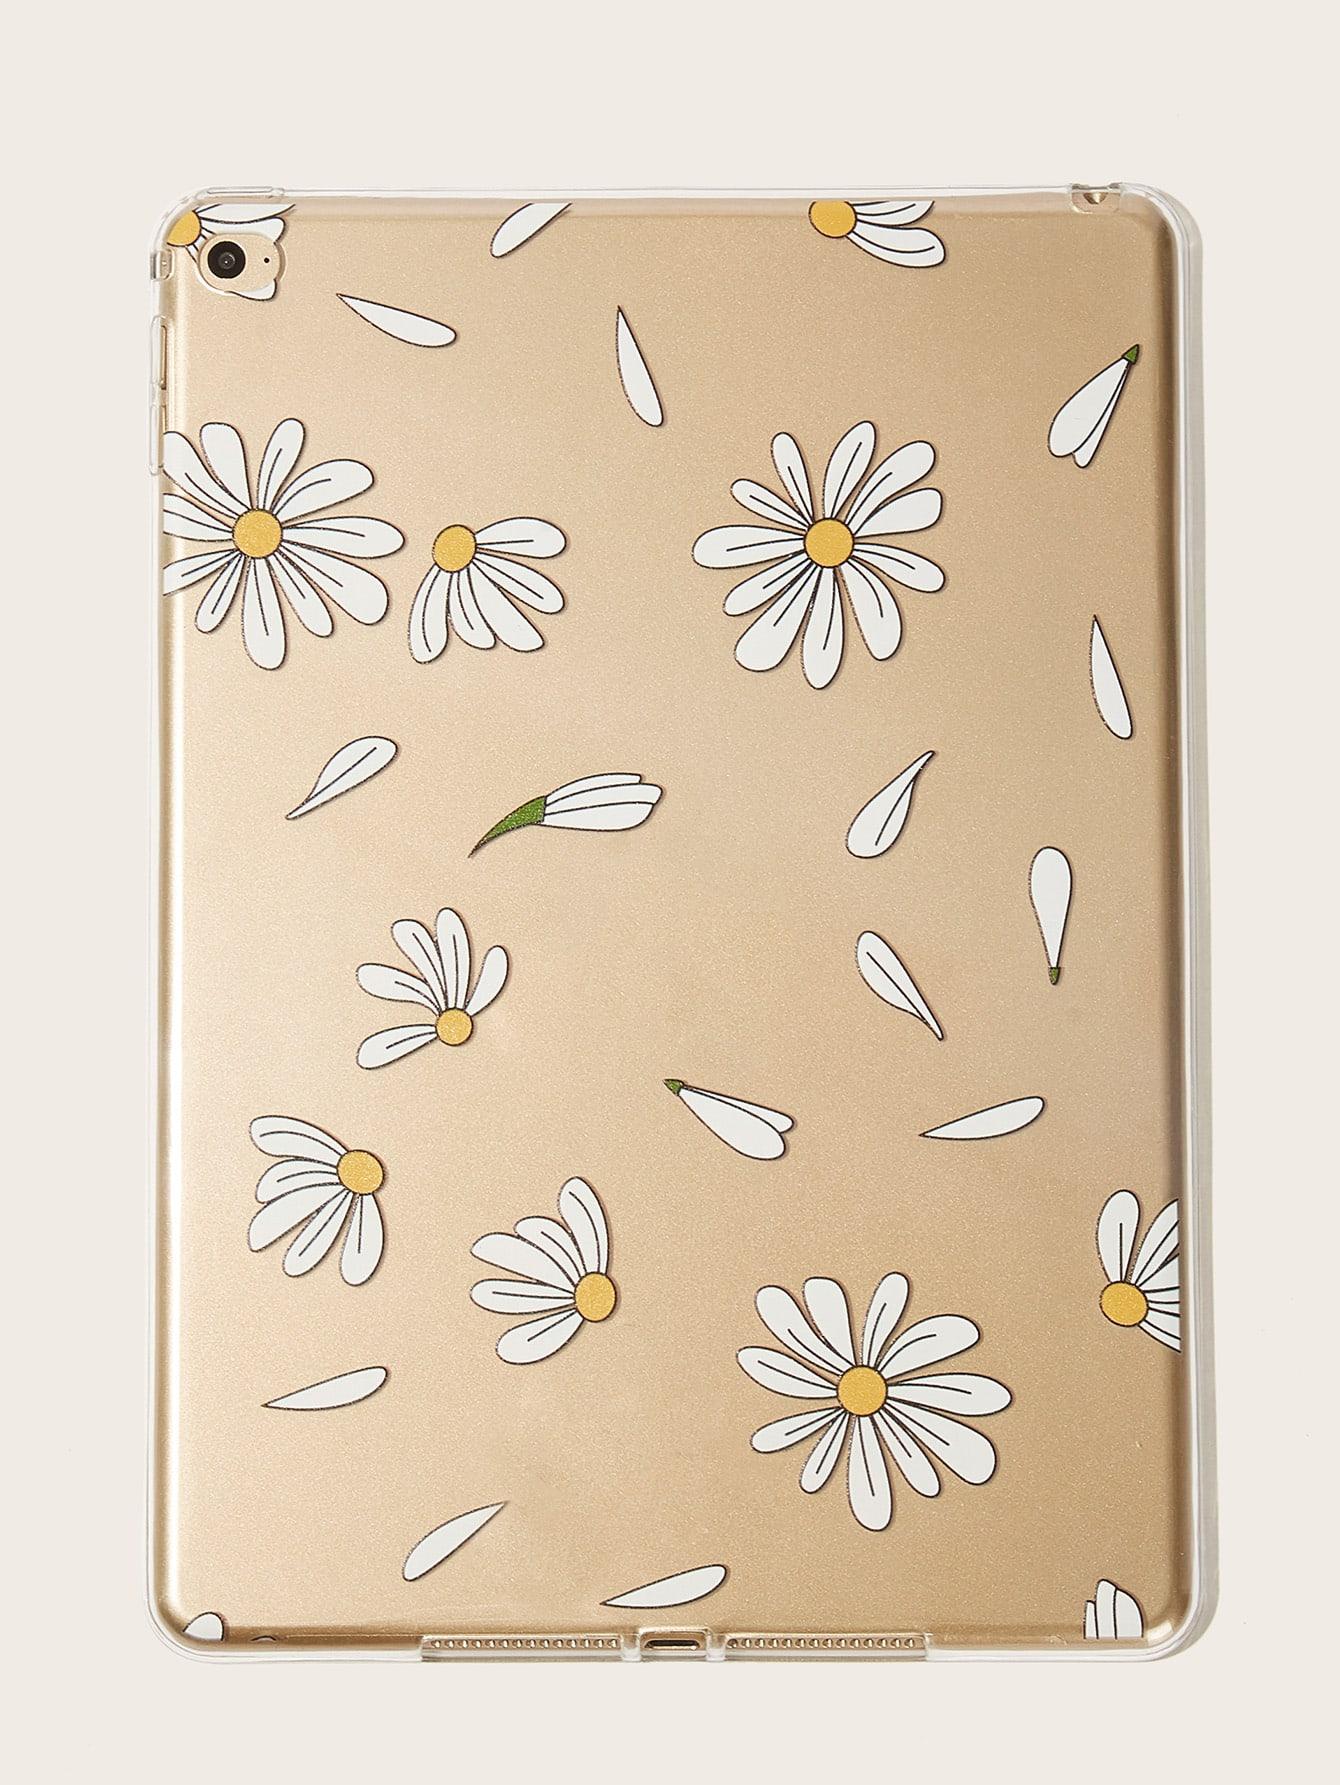 Daisy Pattern iPad Case null